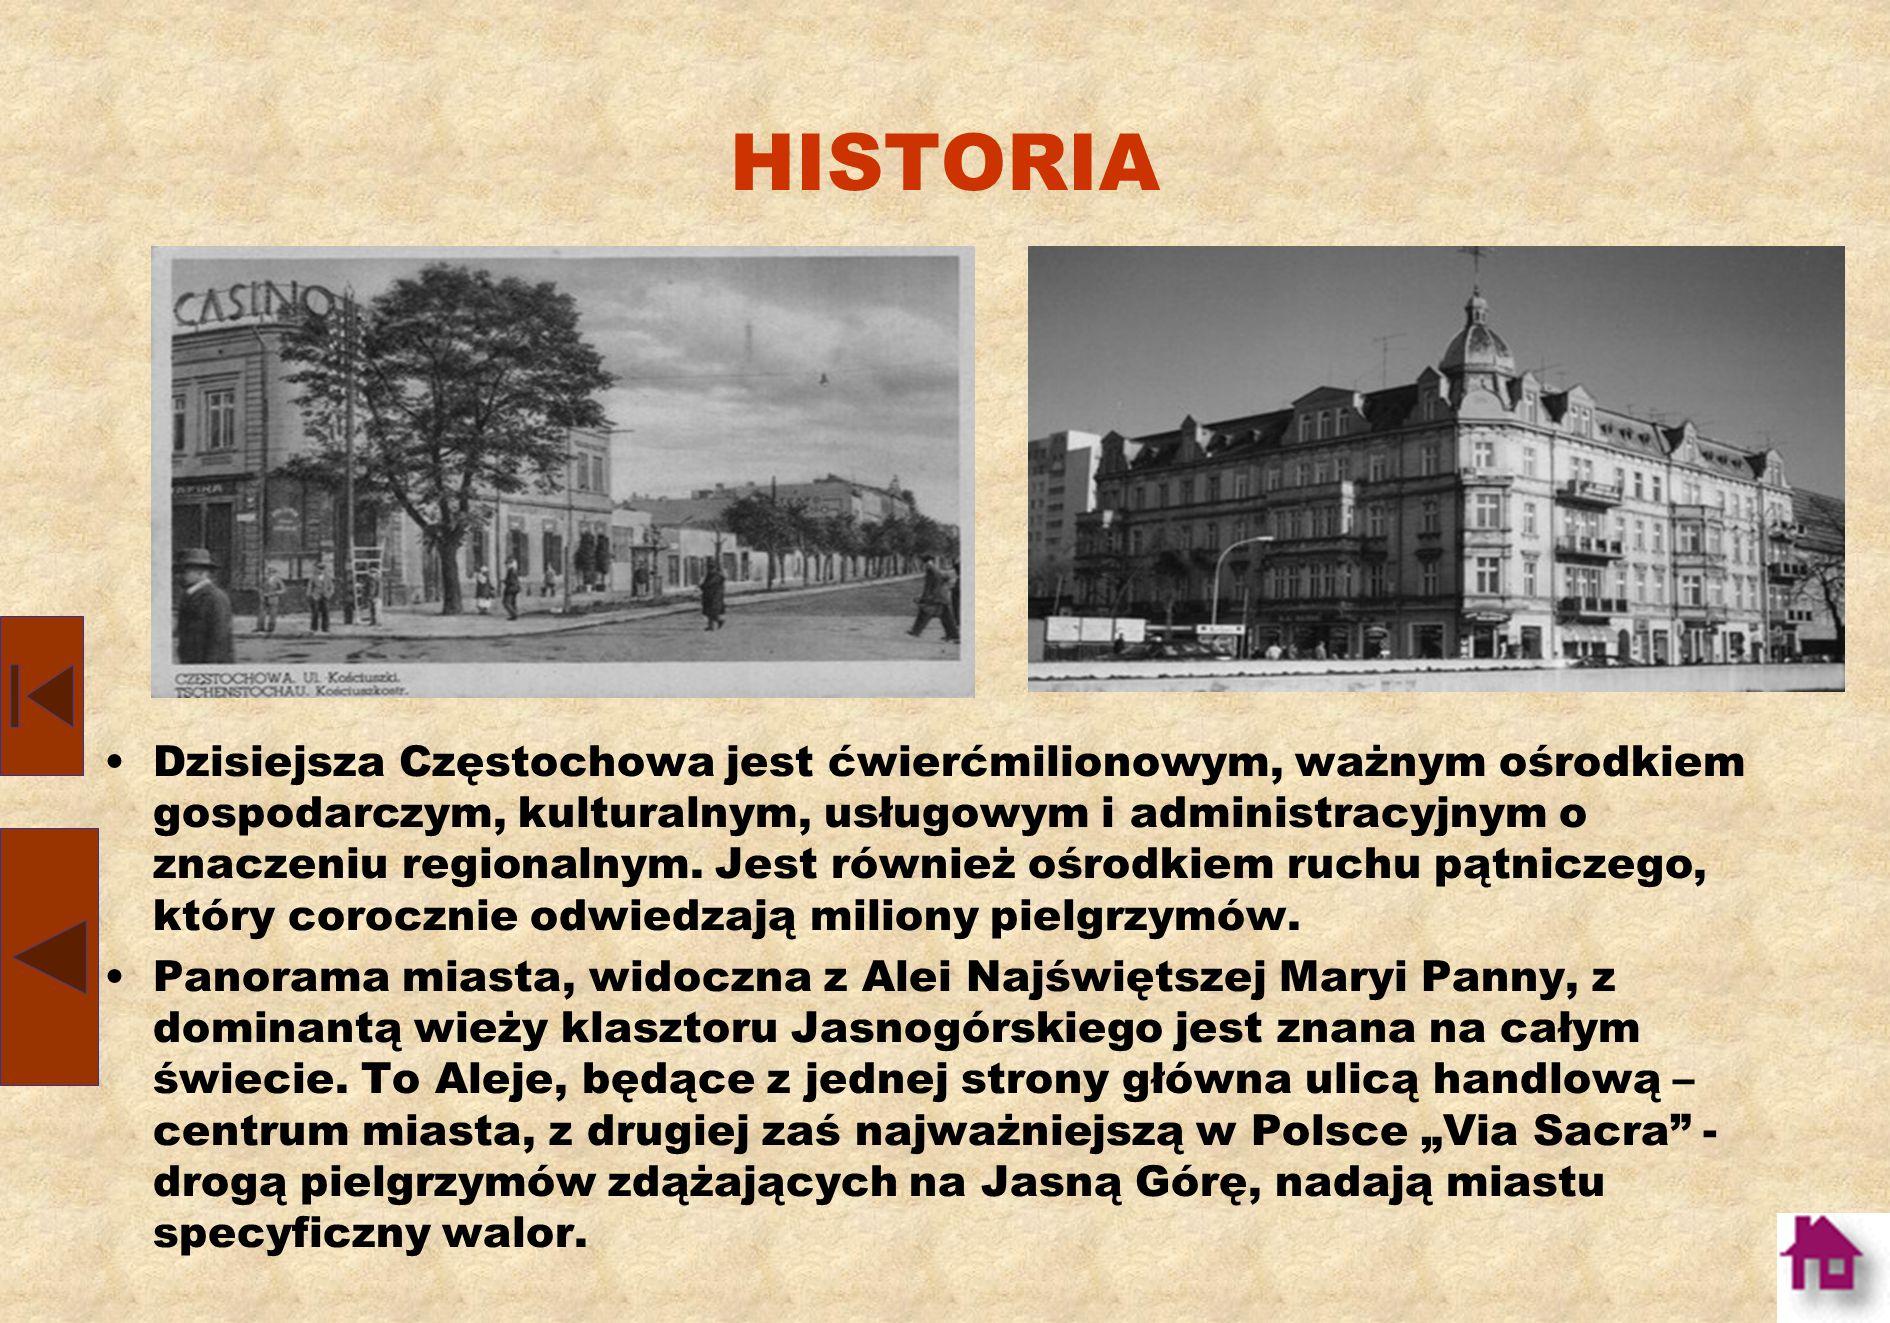 HISTORIA Po zakończeniu wojny, zapadła decyzja o budowie kombinatu metalurgicznego i uczynieniu z Częstochowy siedziby ogólnokrajowego Zjednoczenia Kopalnictwa Rud Żelaza.